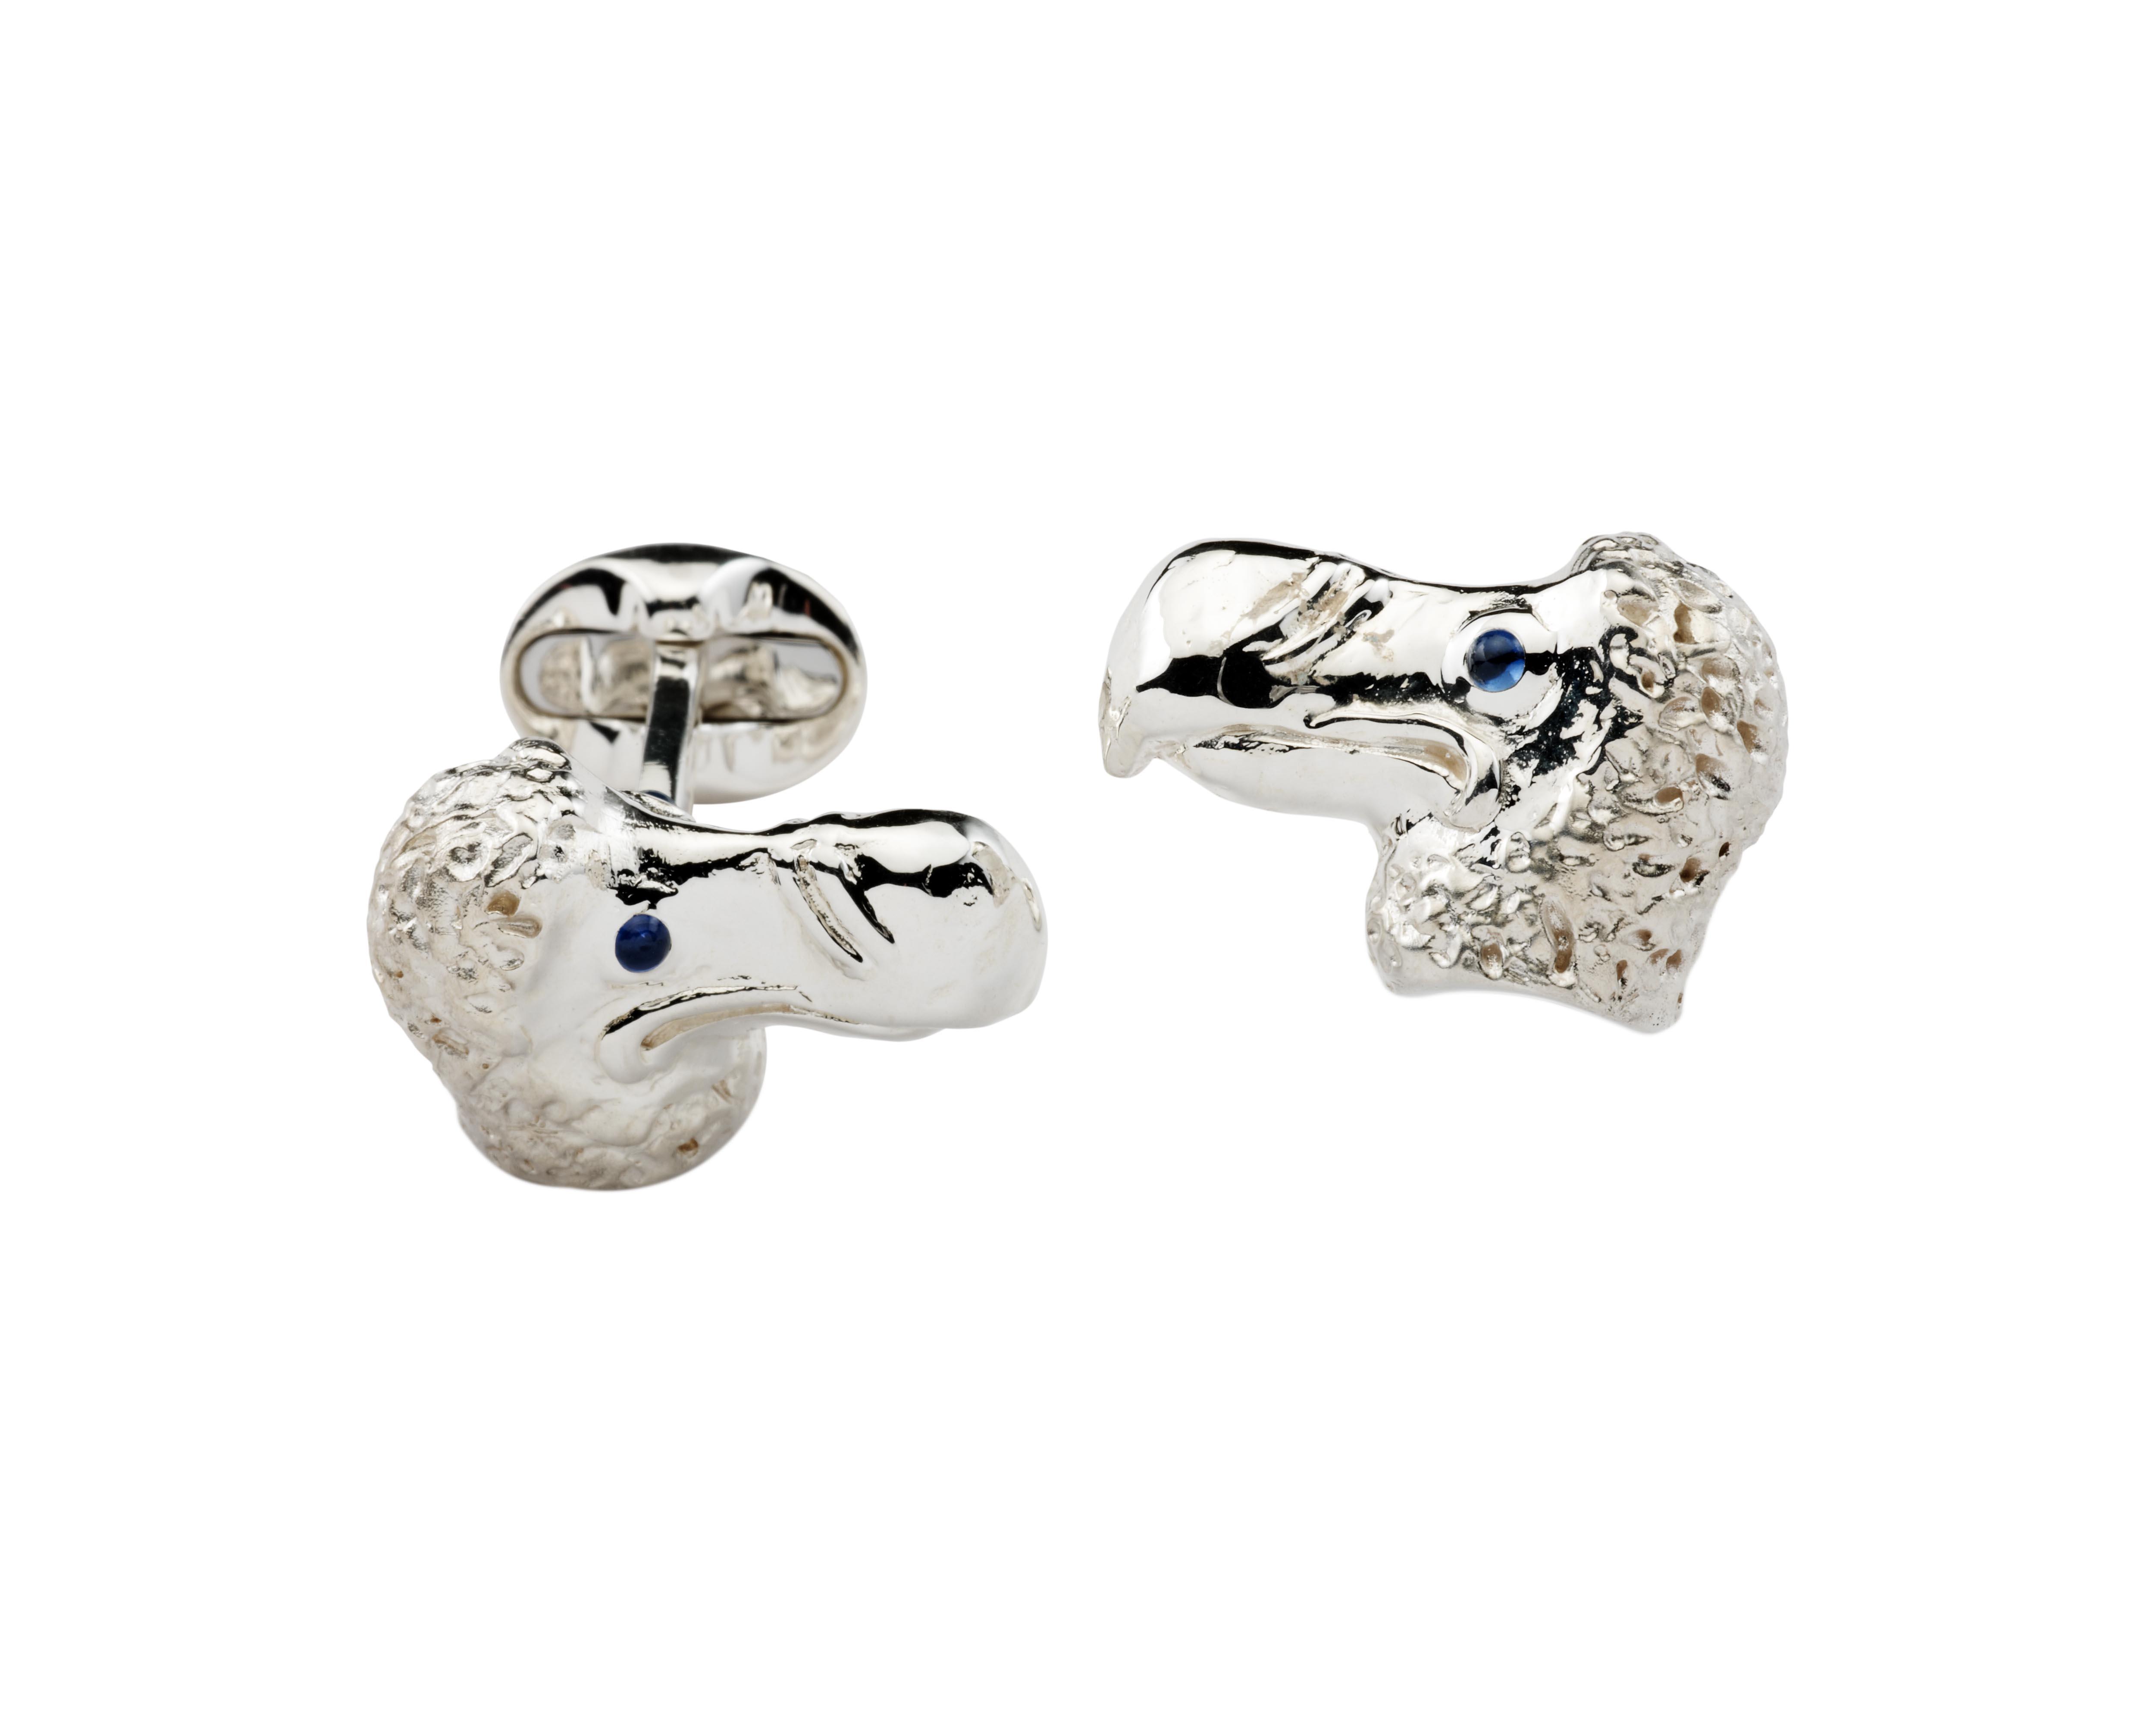 Dodo - gone but not forgotten cufflinks